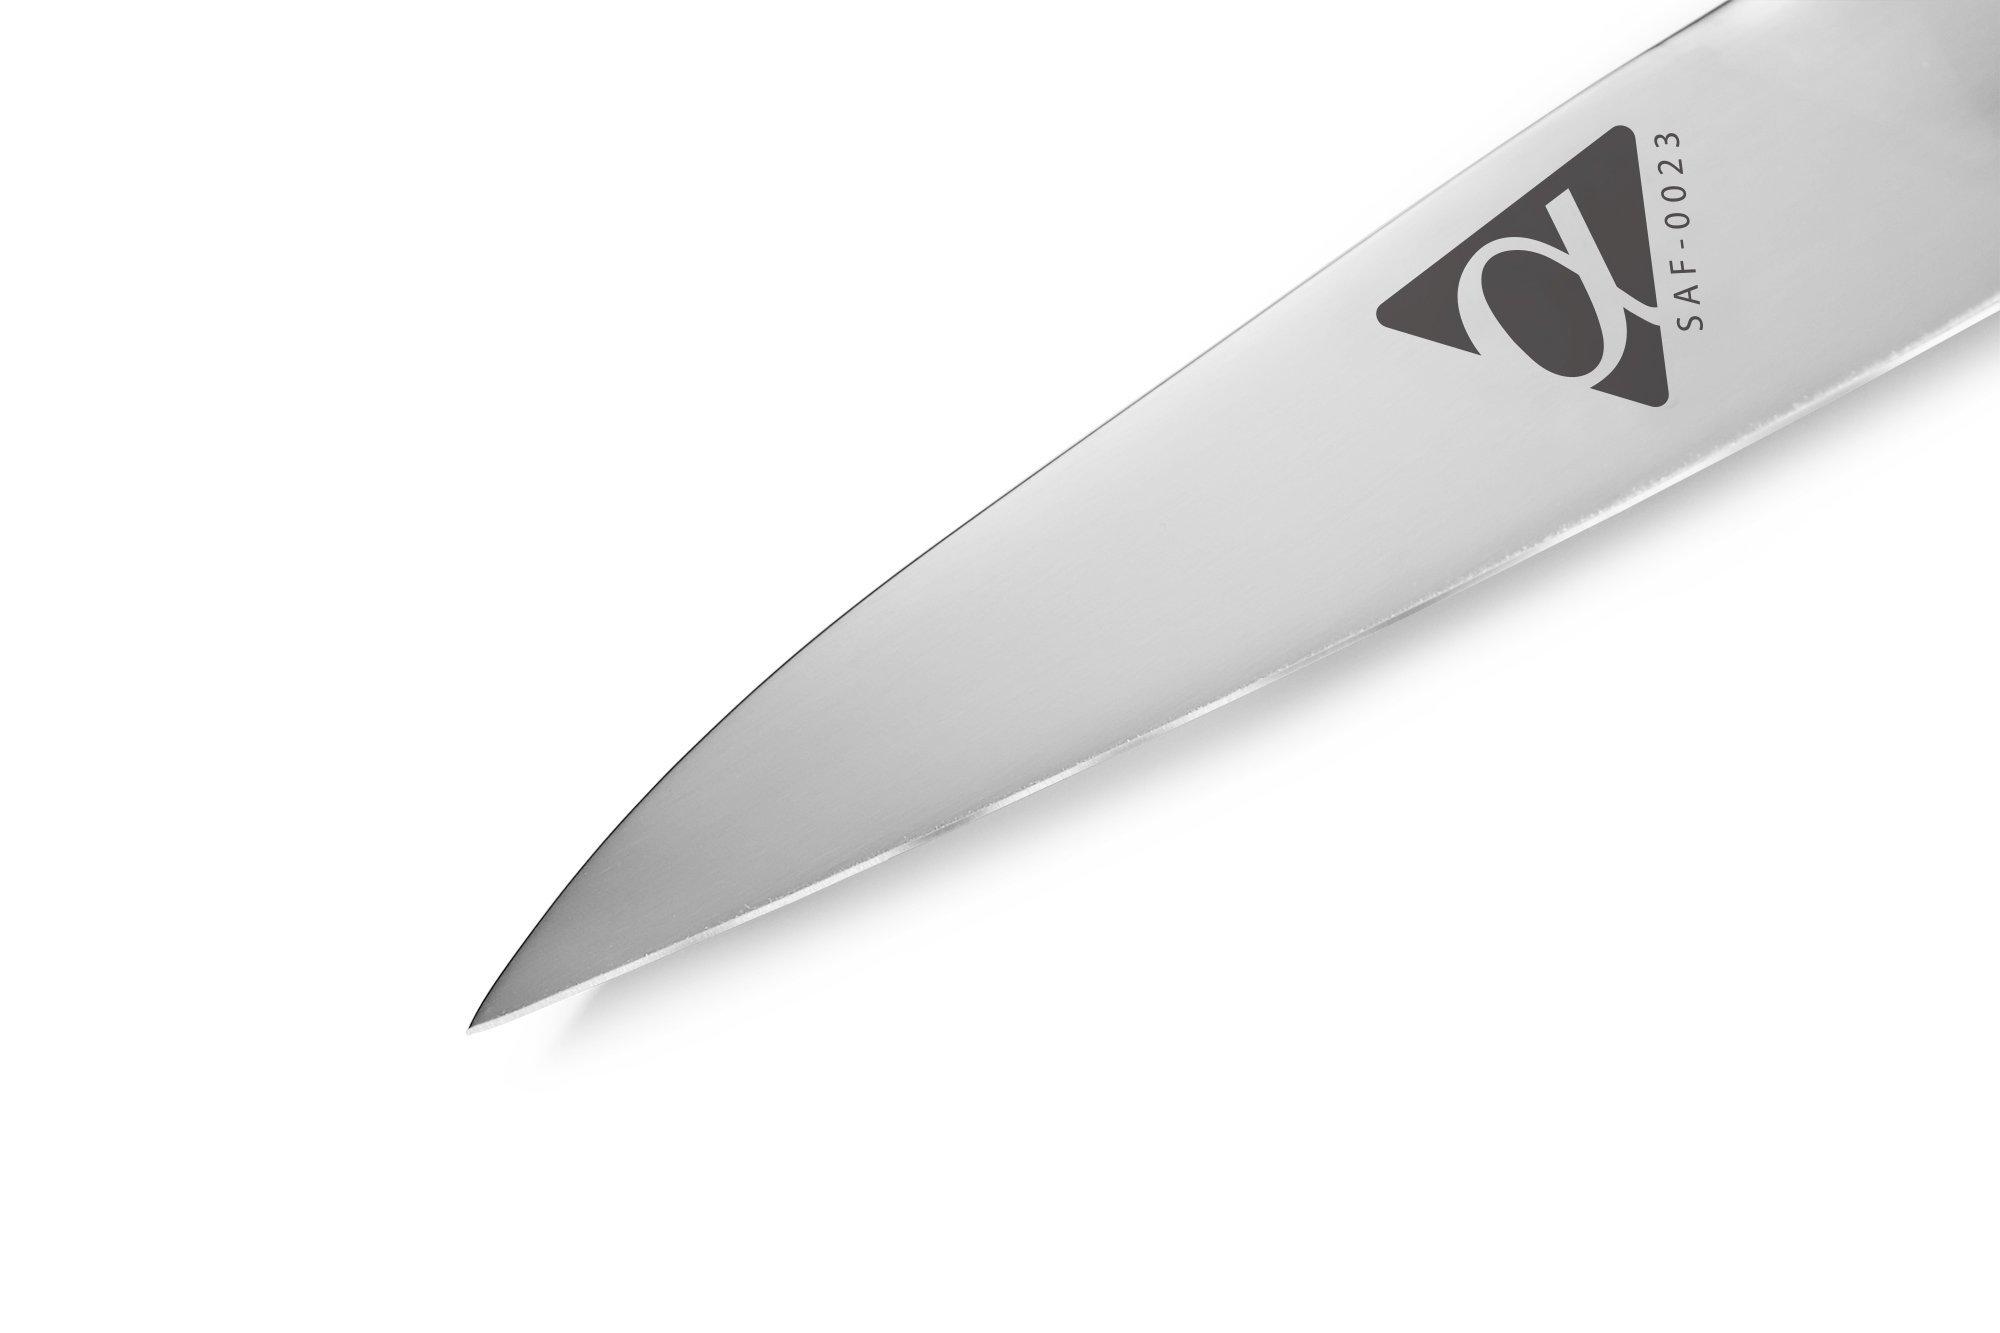 Фото 3 - Нож кухонный универсальный Samura Alfa SAF-0023/Y, сталь AUS-10